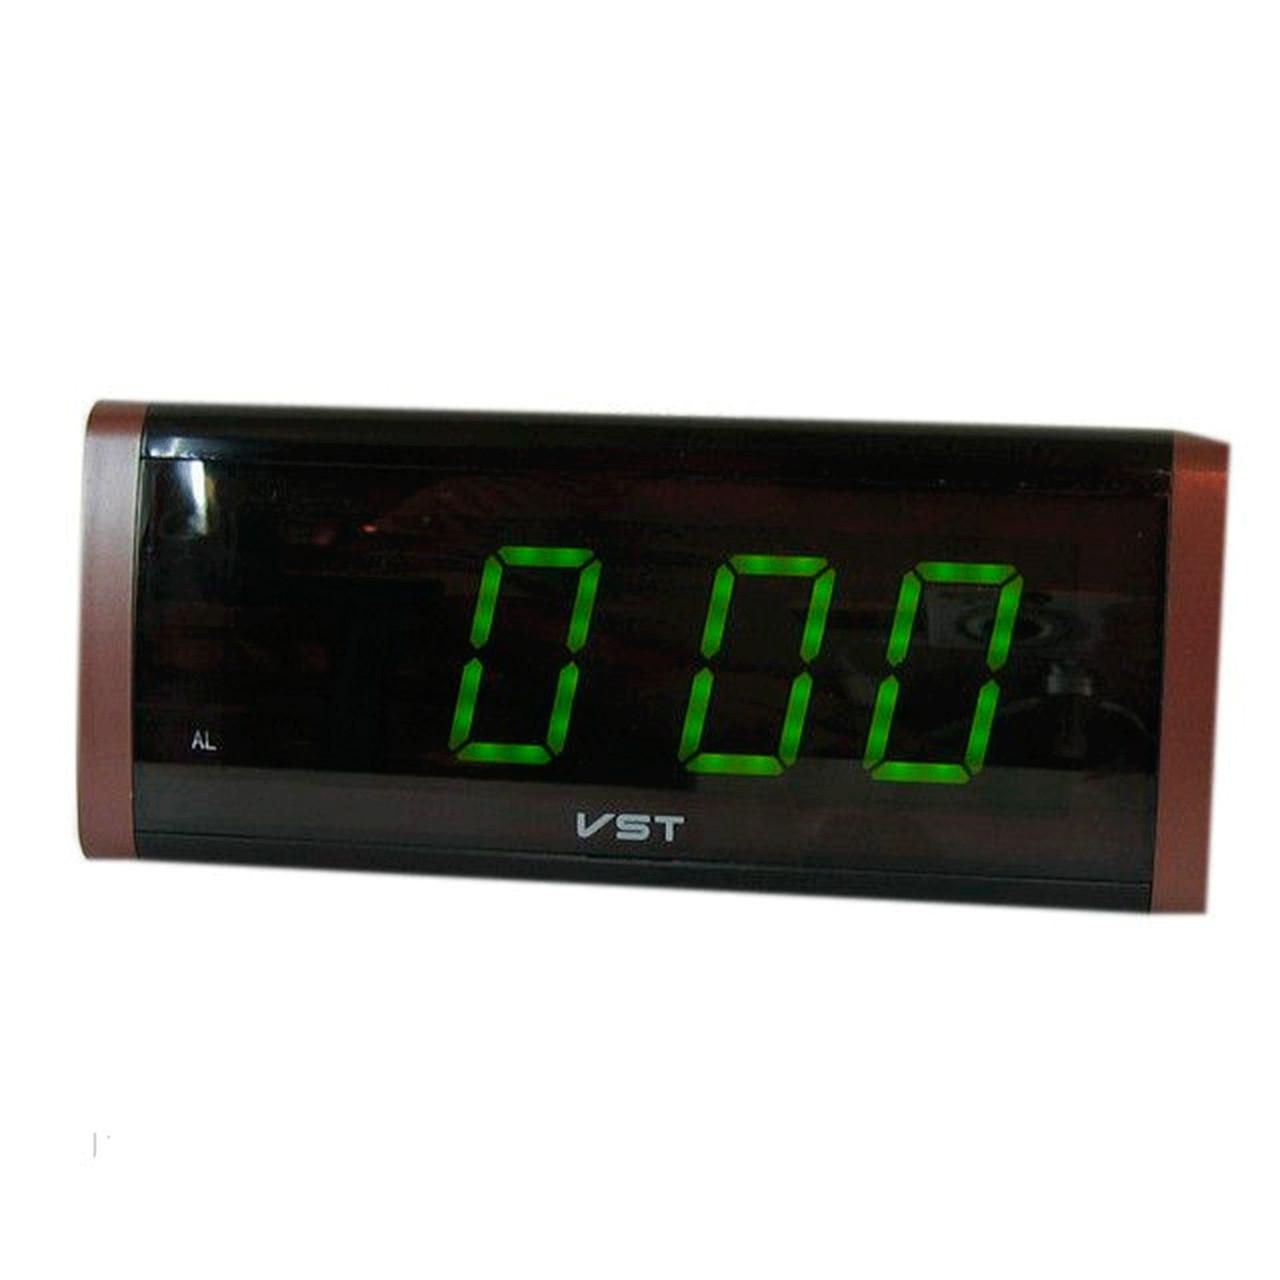 652c1803534a Часы Электронные VST-730 — в Категории